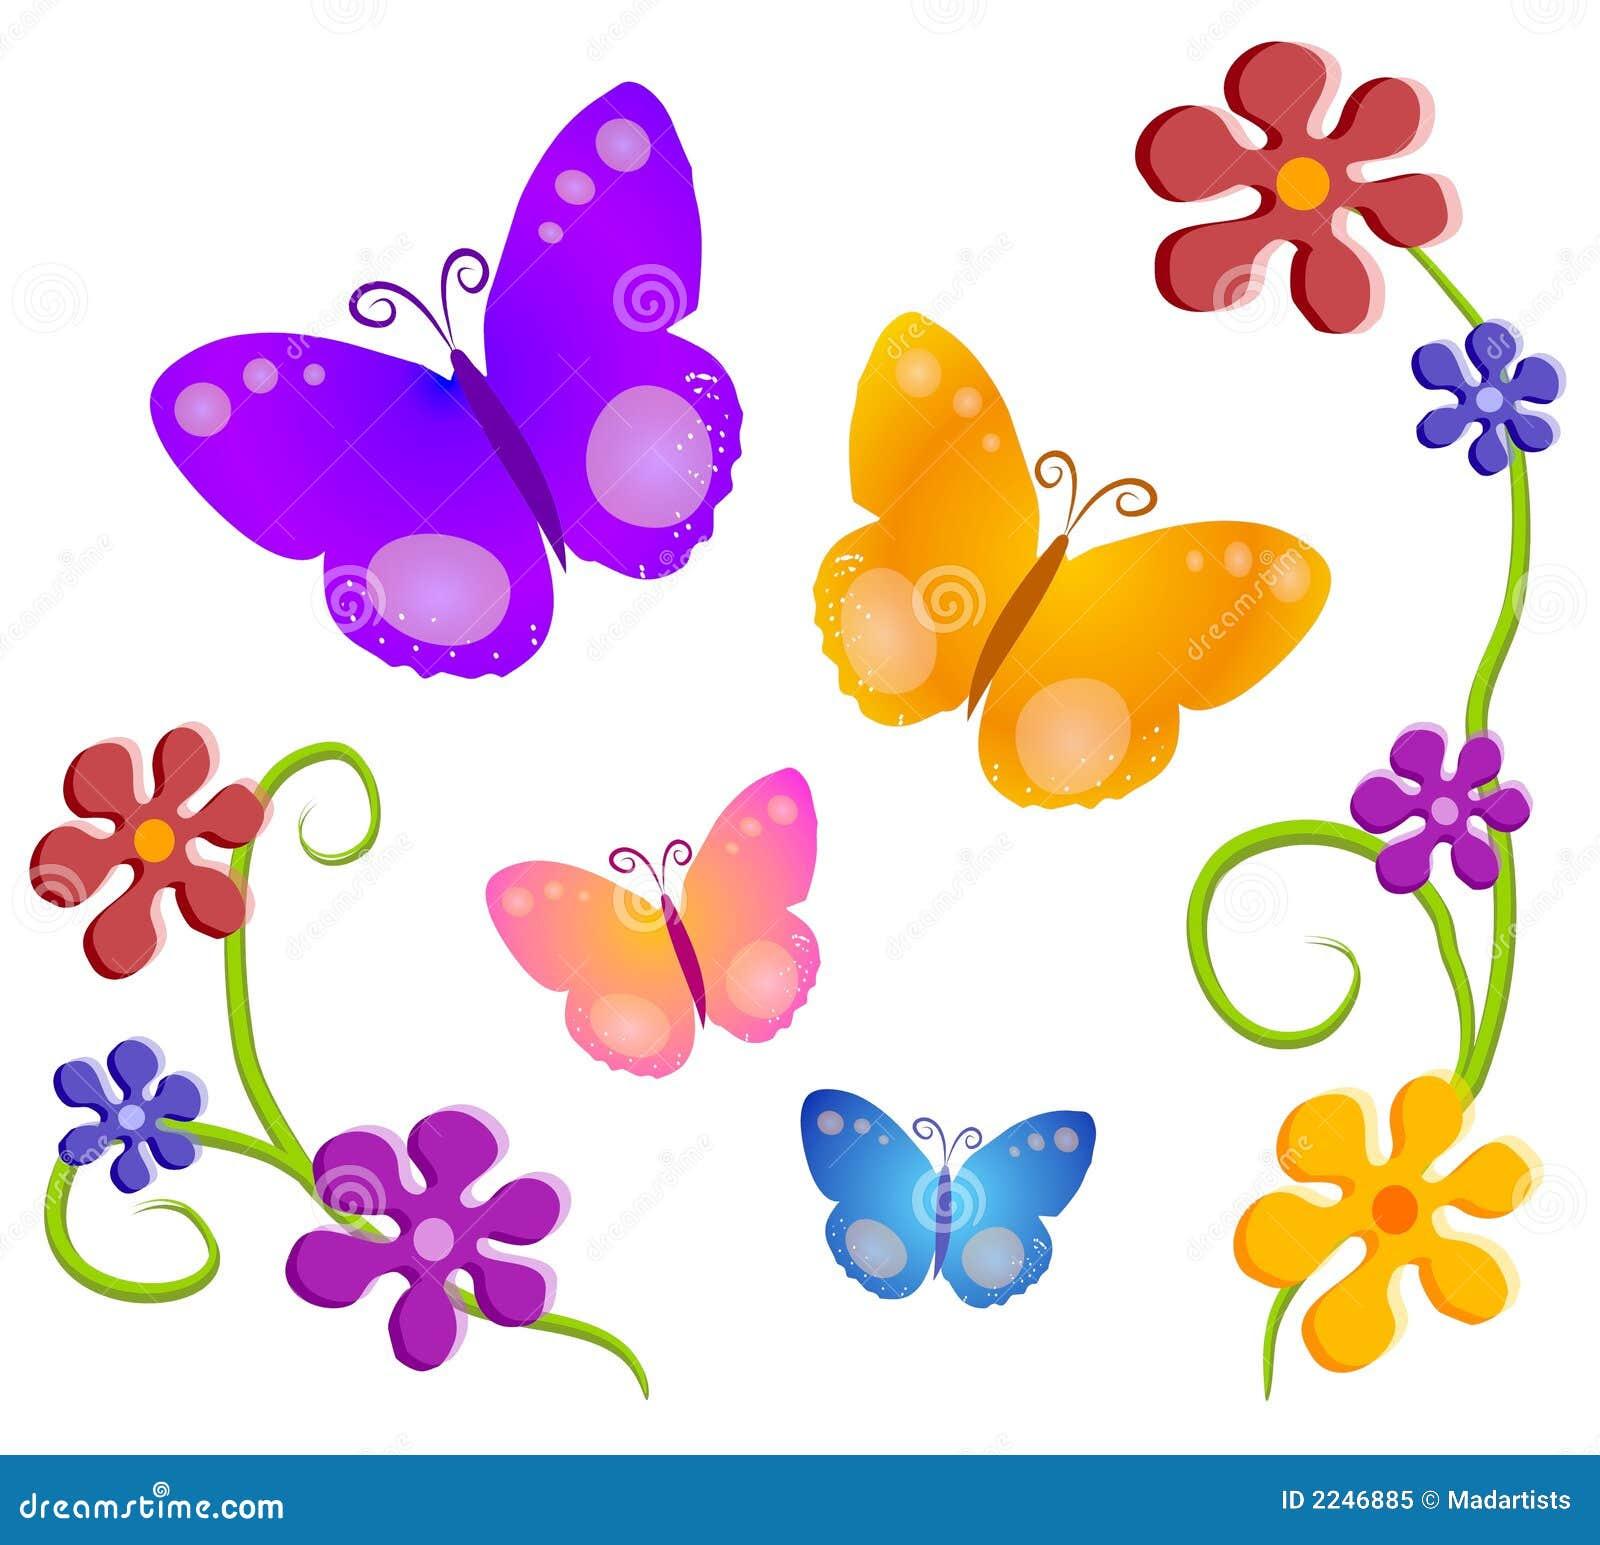 butterflies flowers clip art 1 2246885